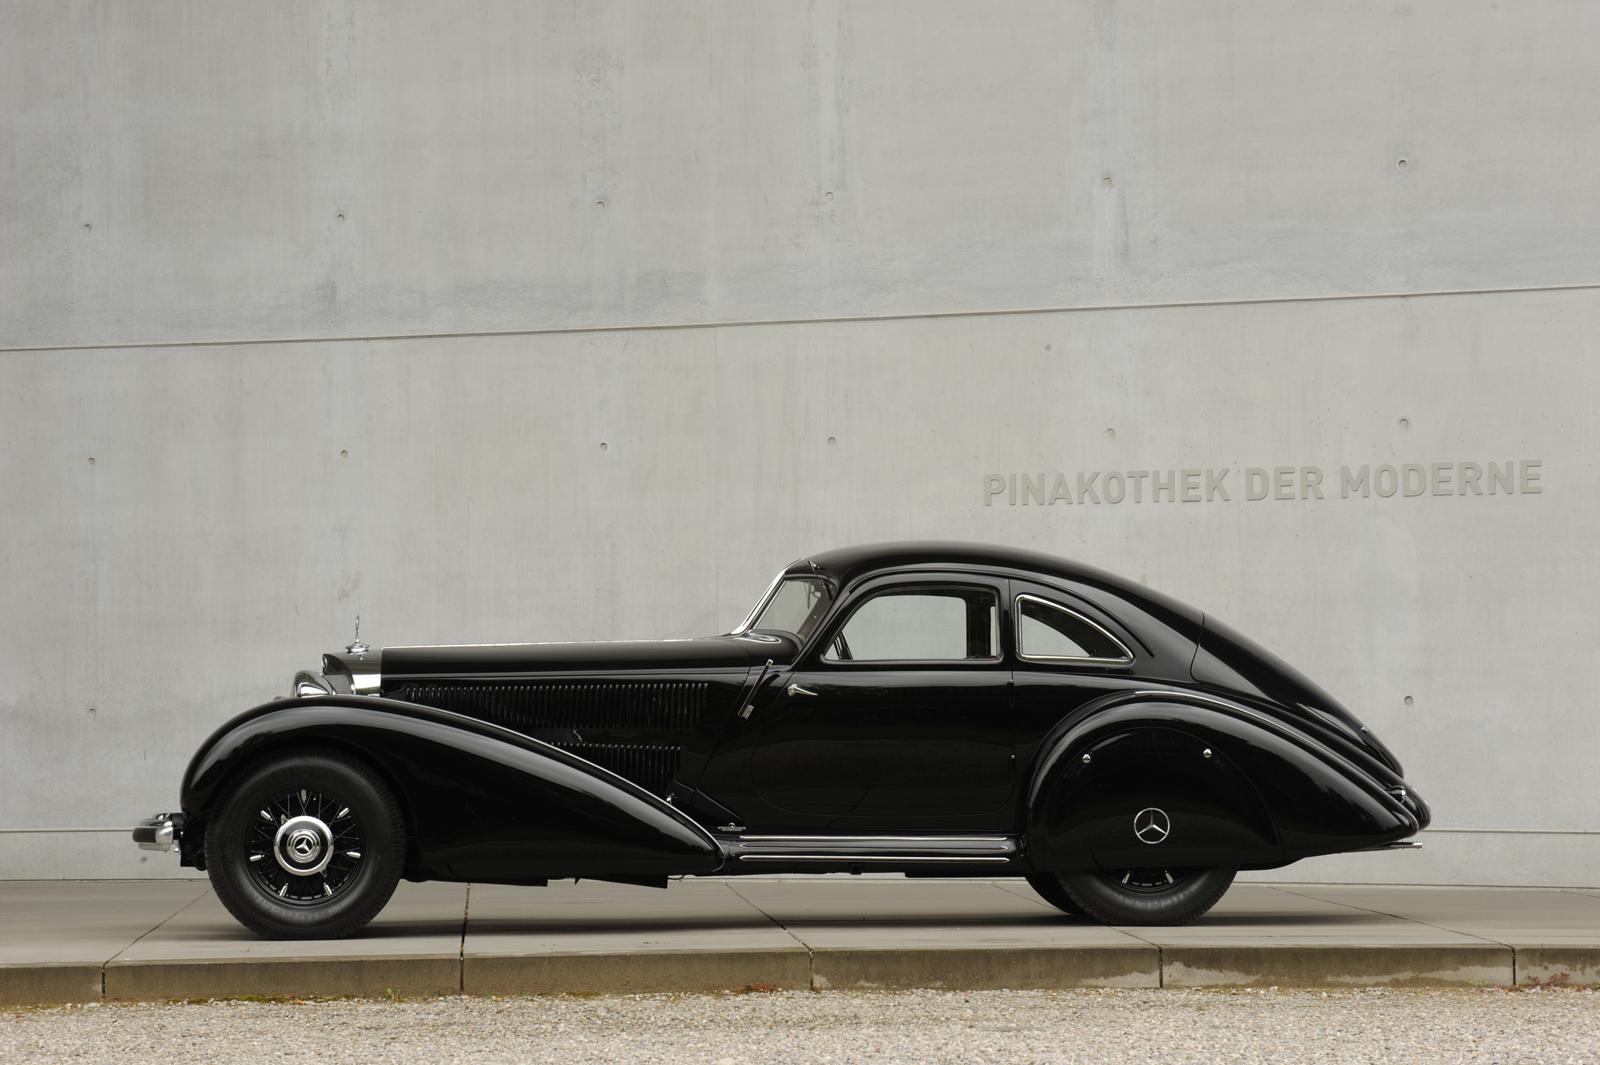 """Выставка """"вехи истории автомобильного дизайна - пример Mercedes-Benz"""" в Pinakothek der Moderne) в Мюнхене - фотография №3"""